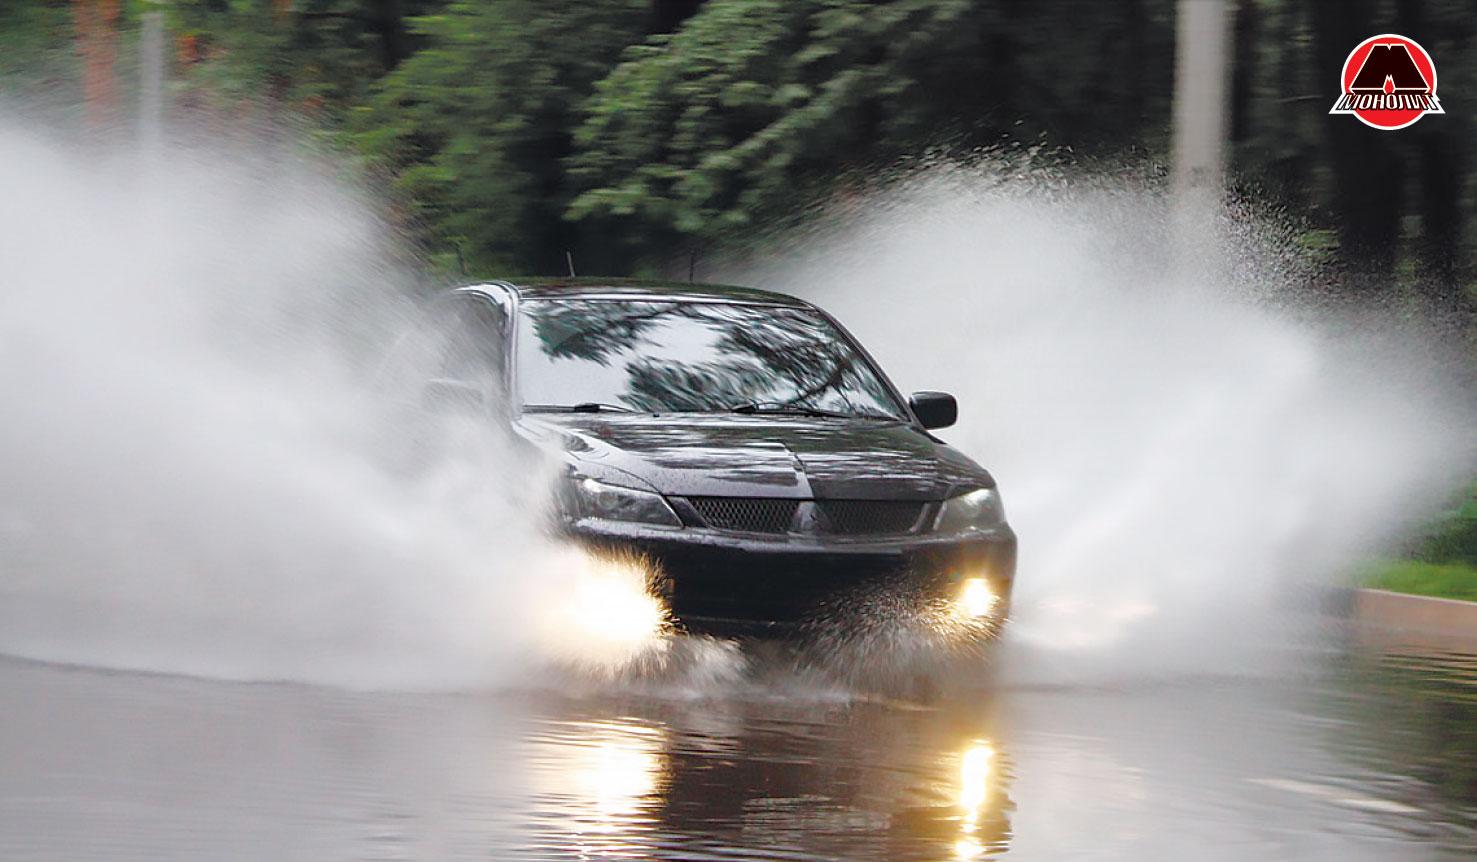 Опасность потери управления автомобилем